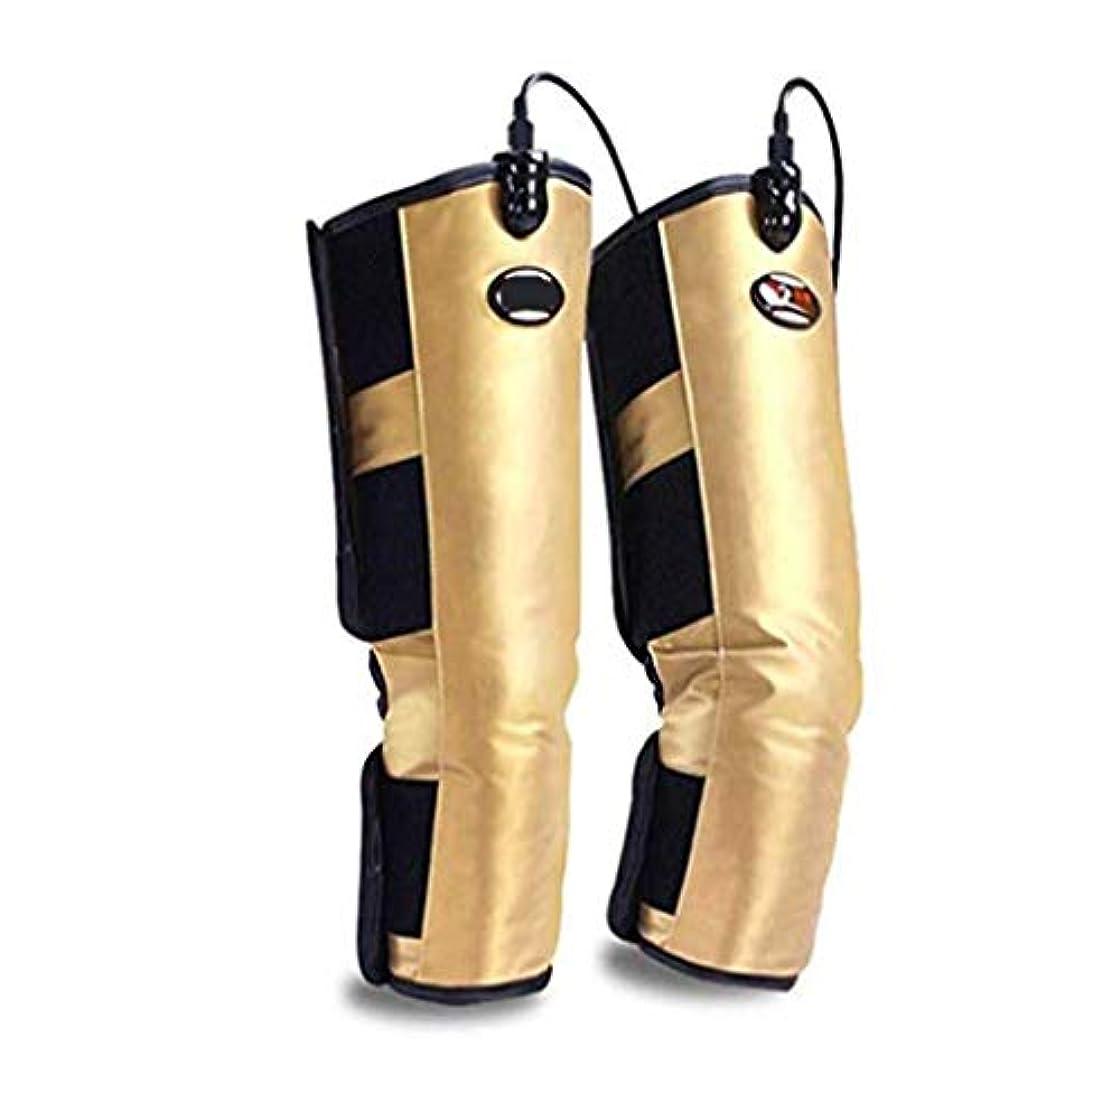 定義する漁師ケイ素膝レギンス用電気加熱パッド、膝ブレースラップサポート、脚循環用、膝捻挫痙攣関節炎の痛み